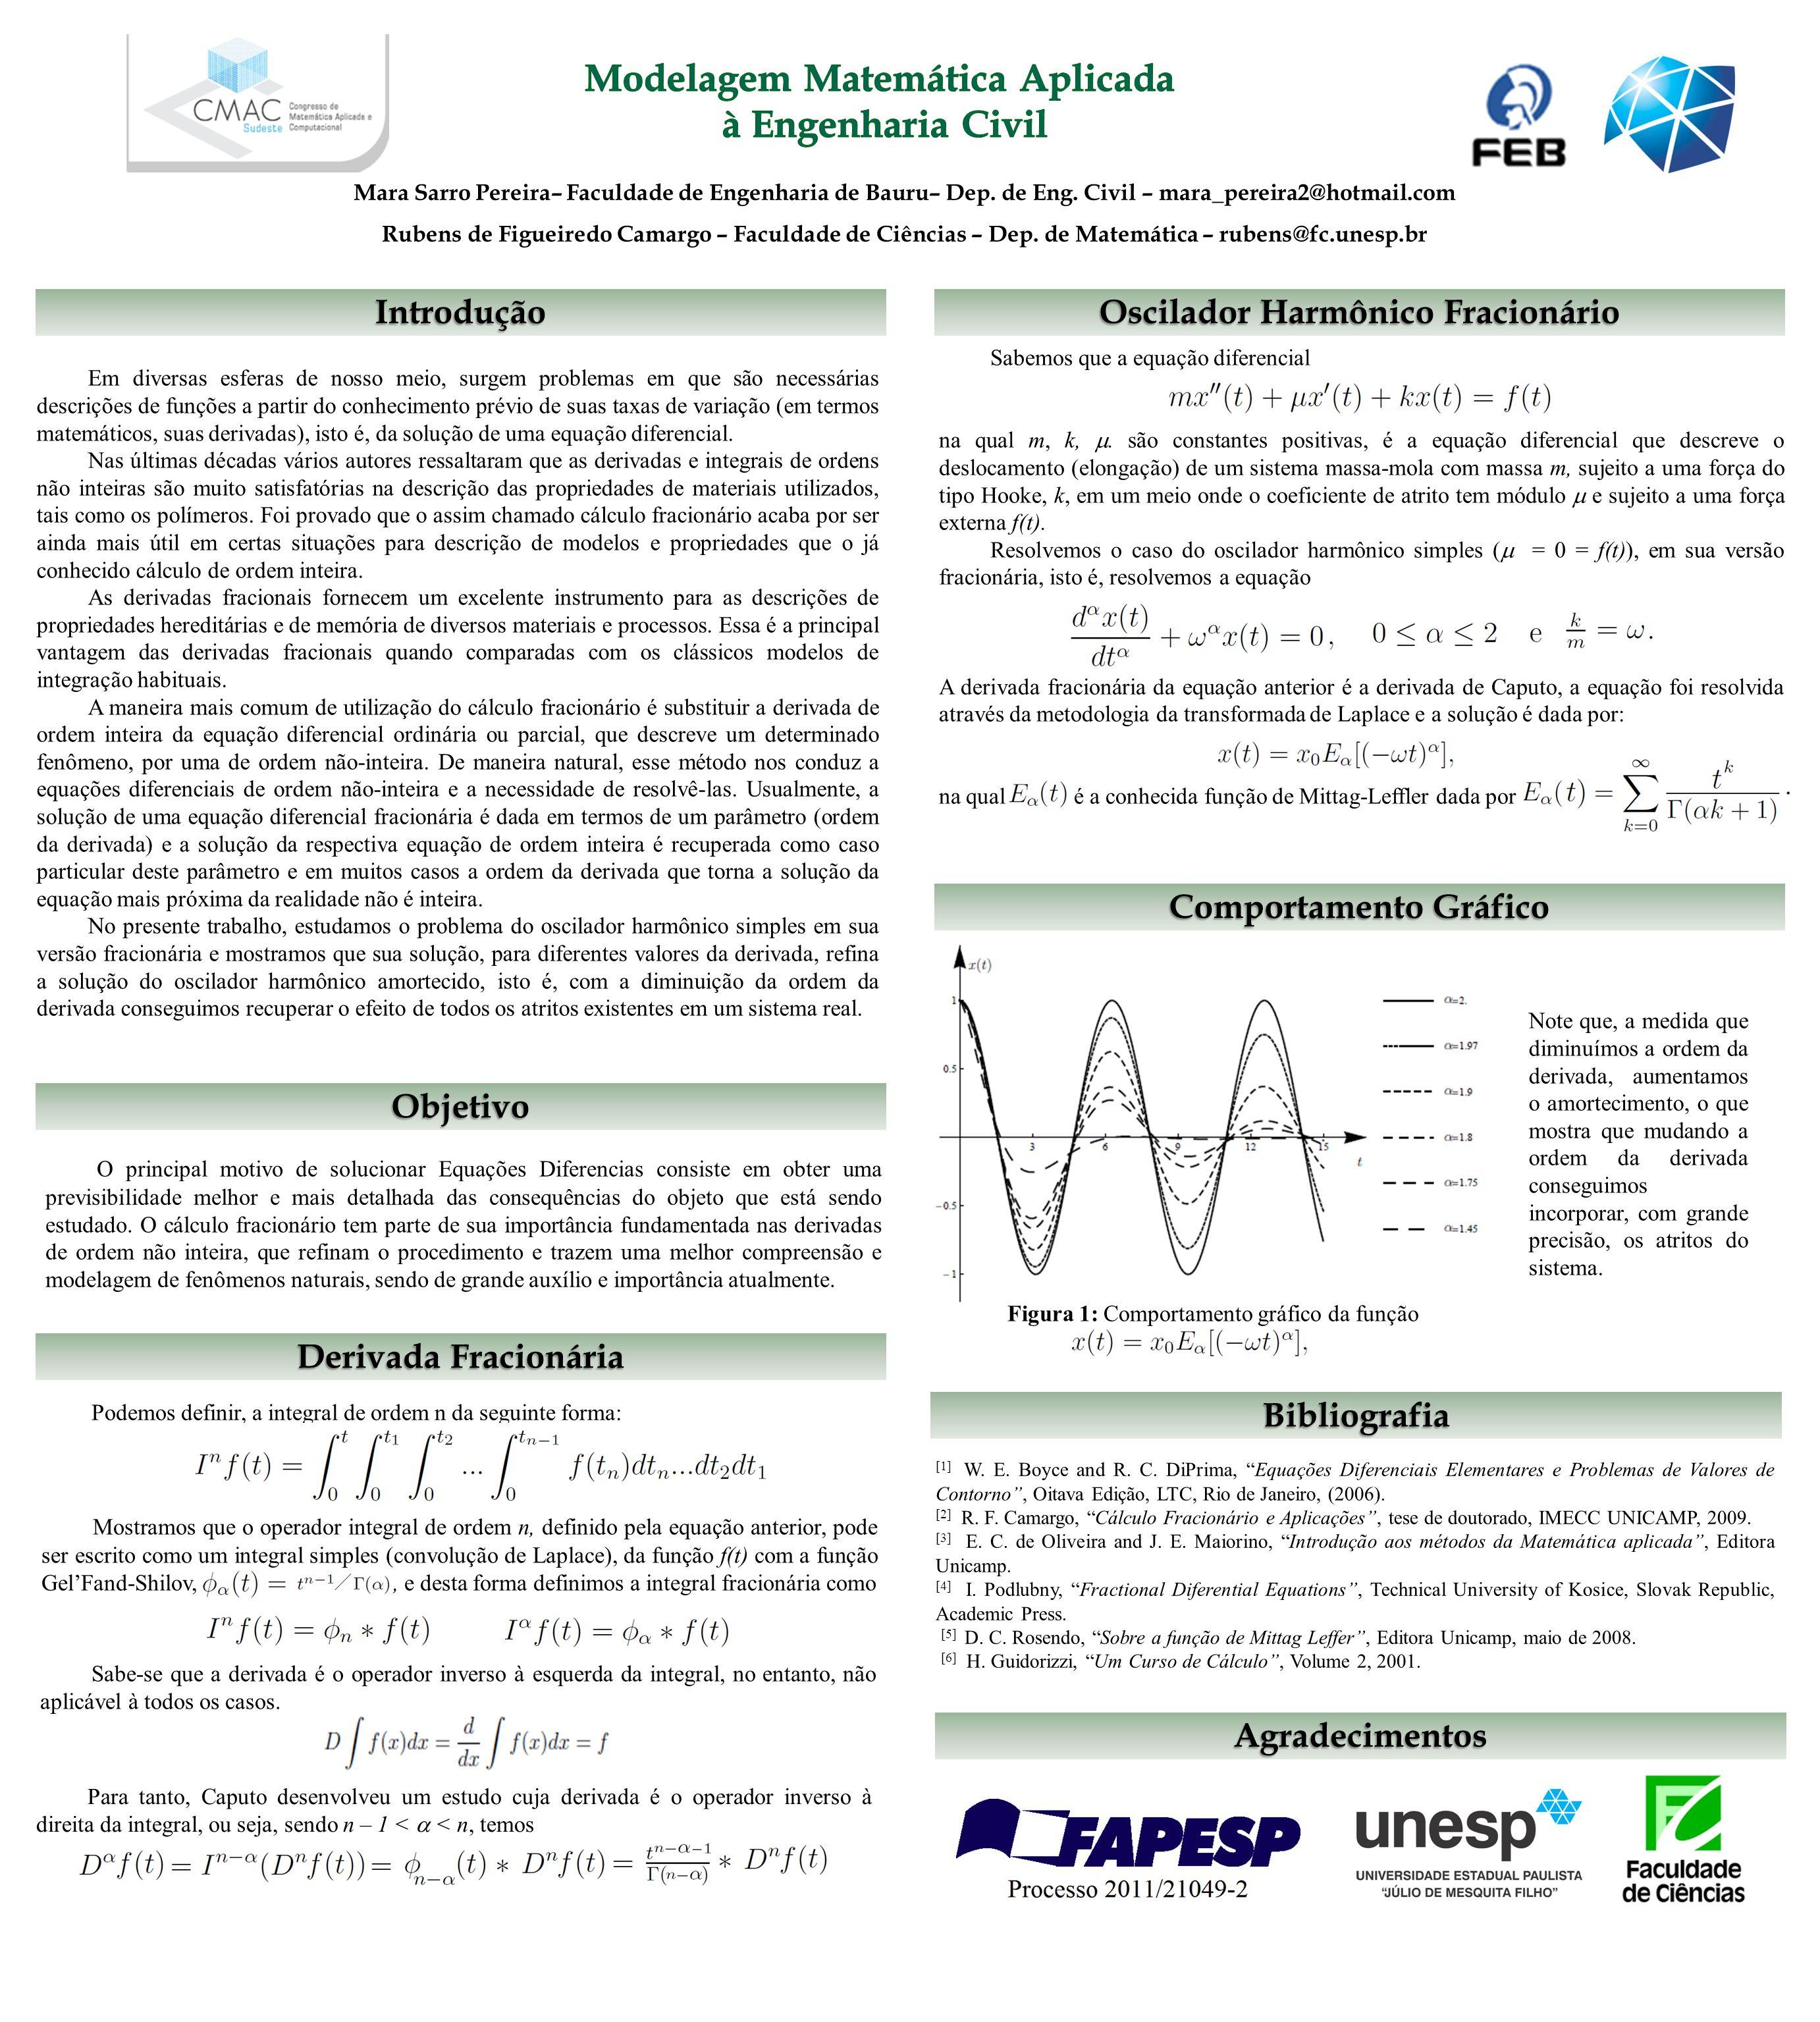 [1] W. E. Boyce and R. C. DiPrima, Equações Diferenciais Elementares e Problemas de Valores de Contorno, Oitava Edição, LTC, Rio de Janeiro, (2006). [